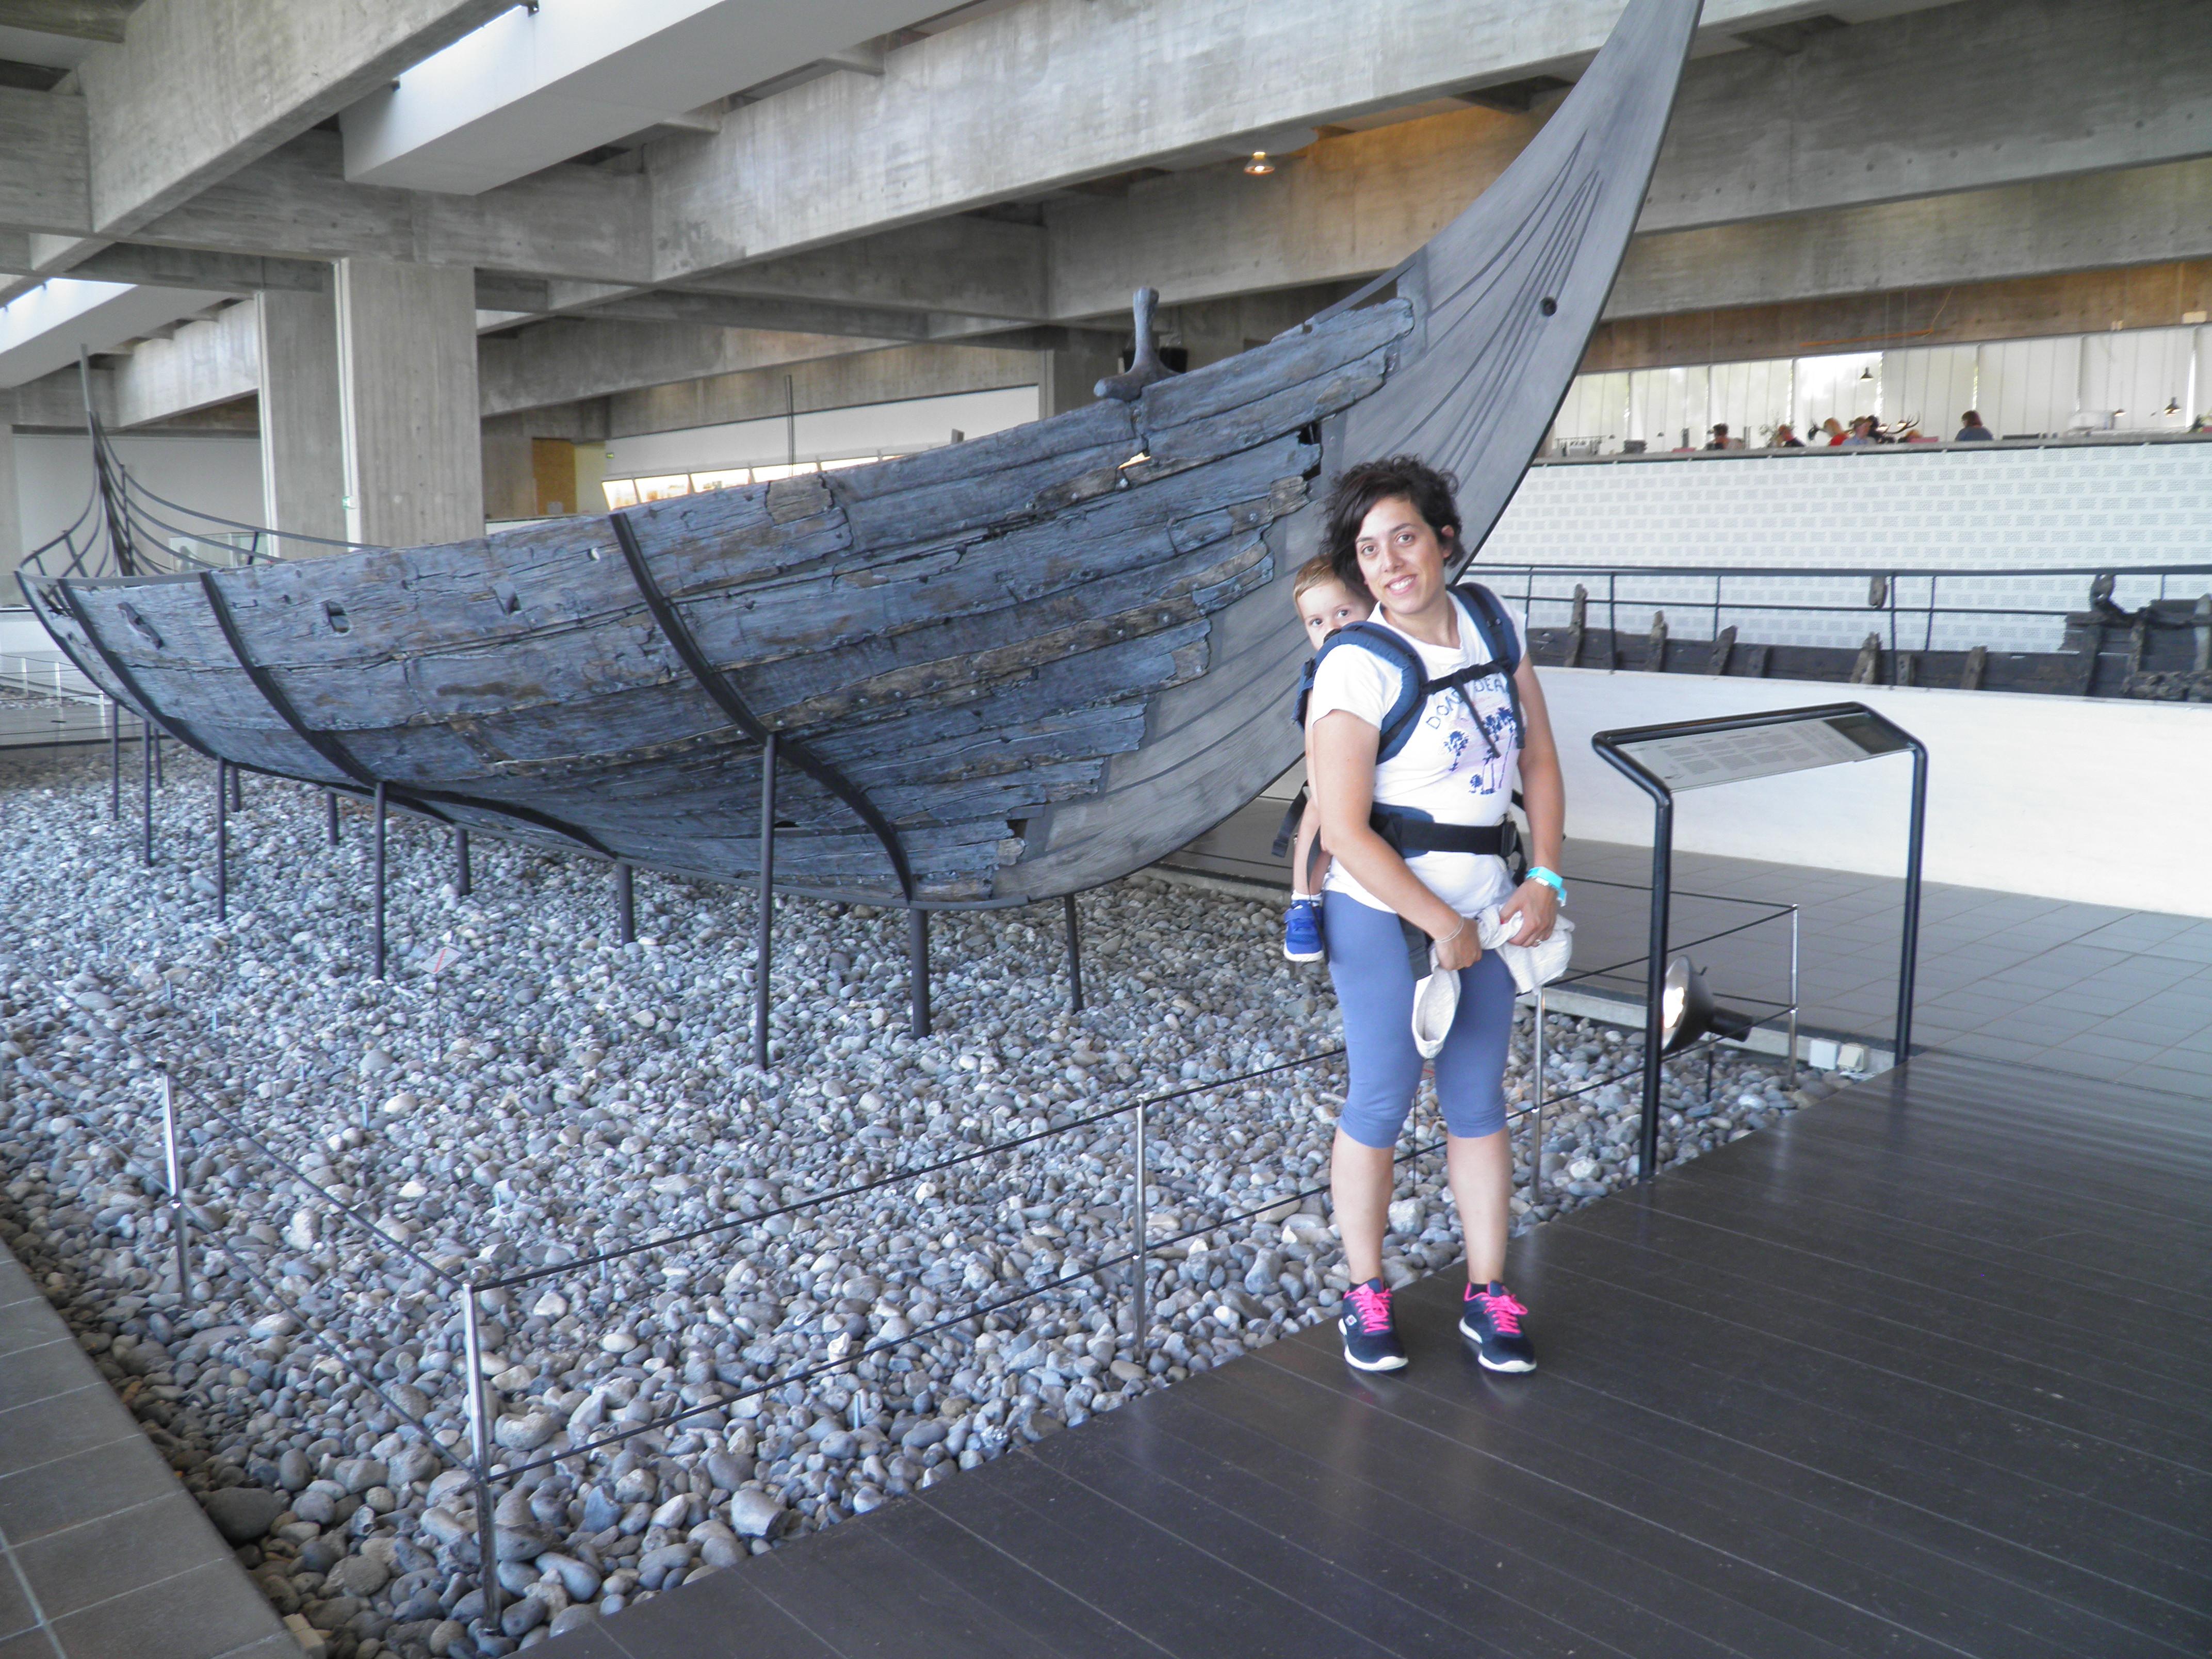 Tour Danimarca - Museo delle Navi vichinghe